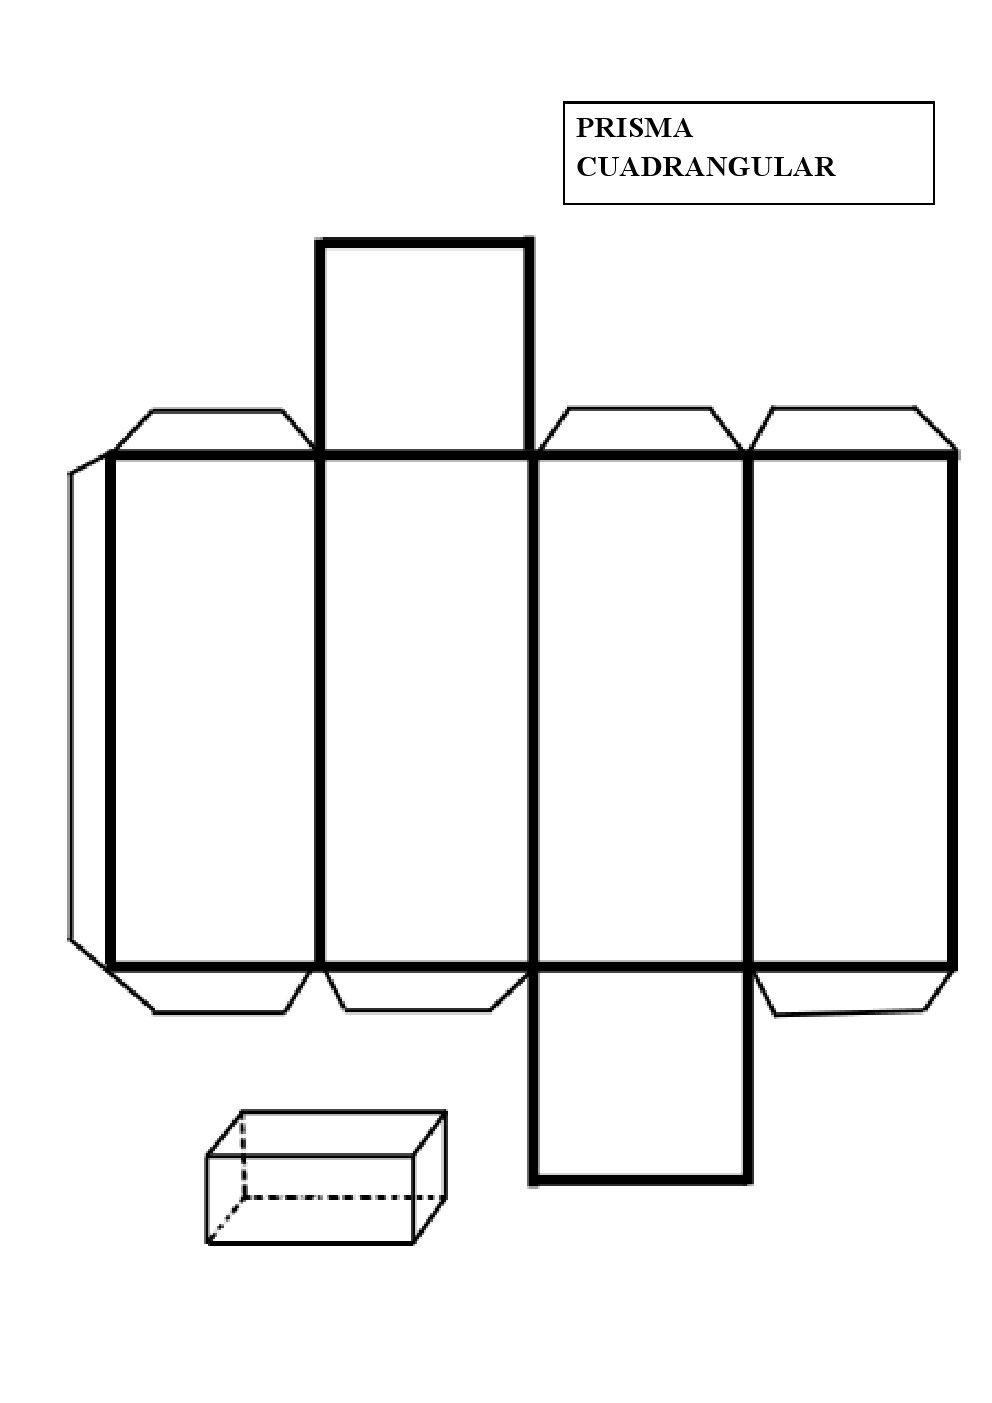 Construir un prisma cuadrangular | design | Pinterest | Prisma ...